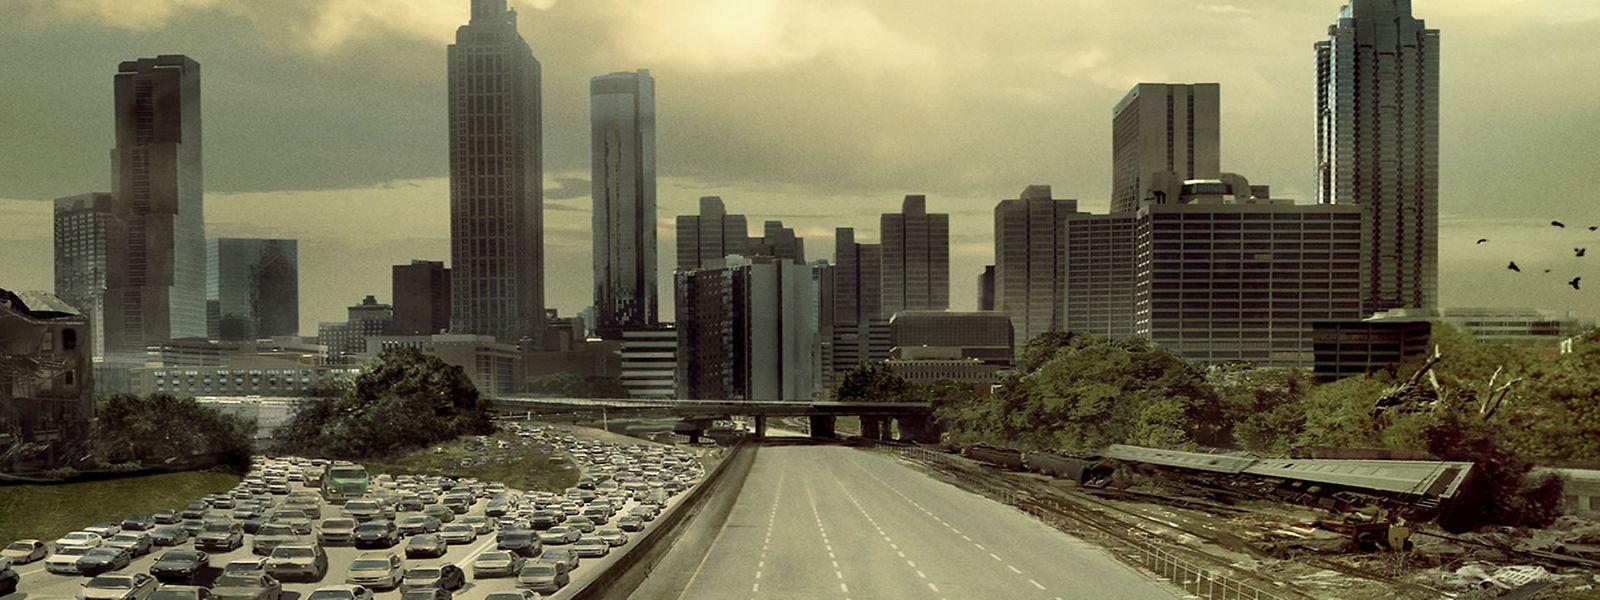 """Dystopie auf der Mattscheibe: """"The Walking Dead"""" und andere Filme und Serien prägen unsere Sicht auf die Krisen, wenn sie real werden."""